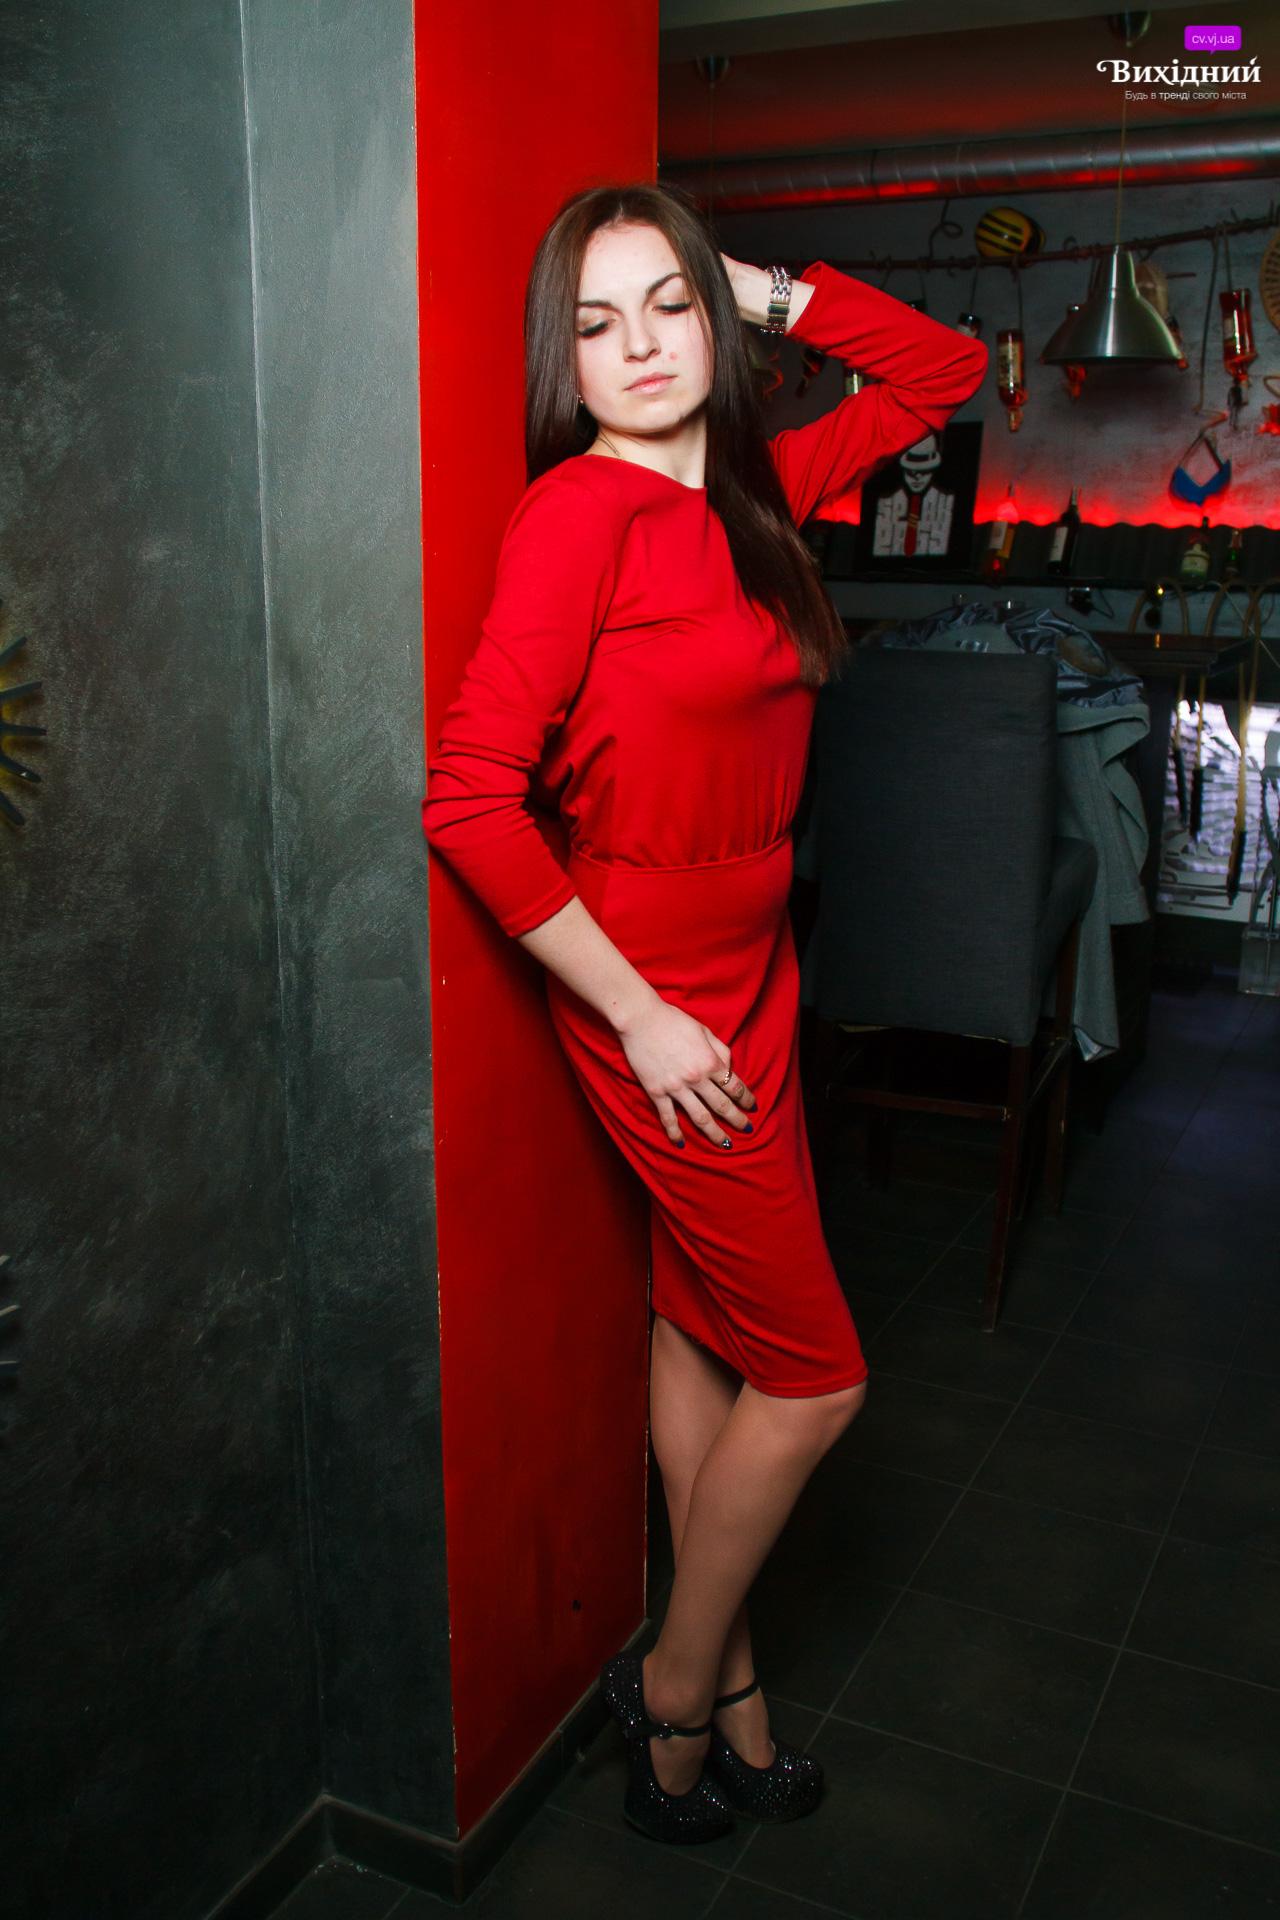 [8 БЕРЕЗНЯ] Women's Day @ Drink-бар ПОПОЛАМ